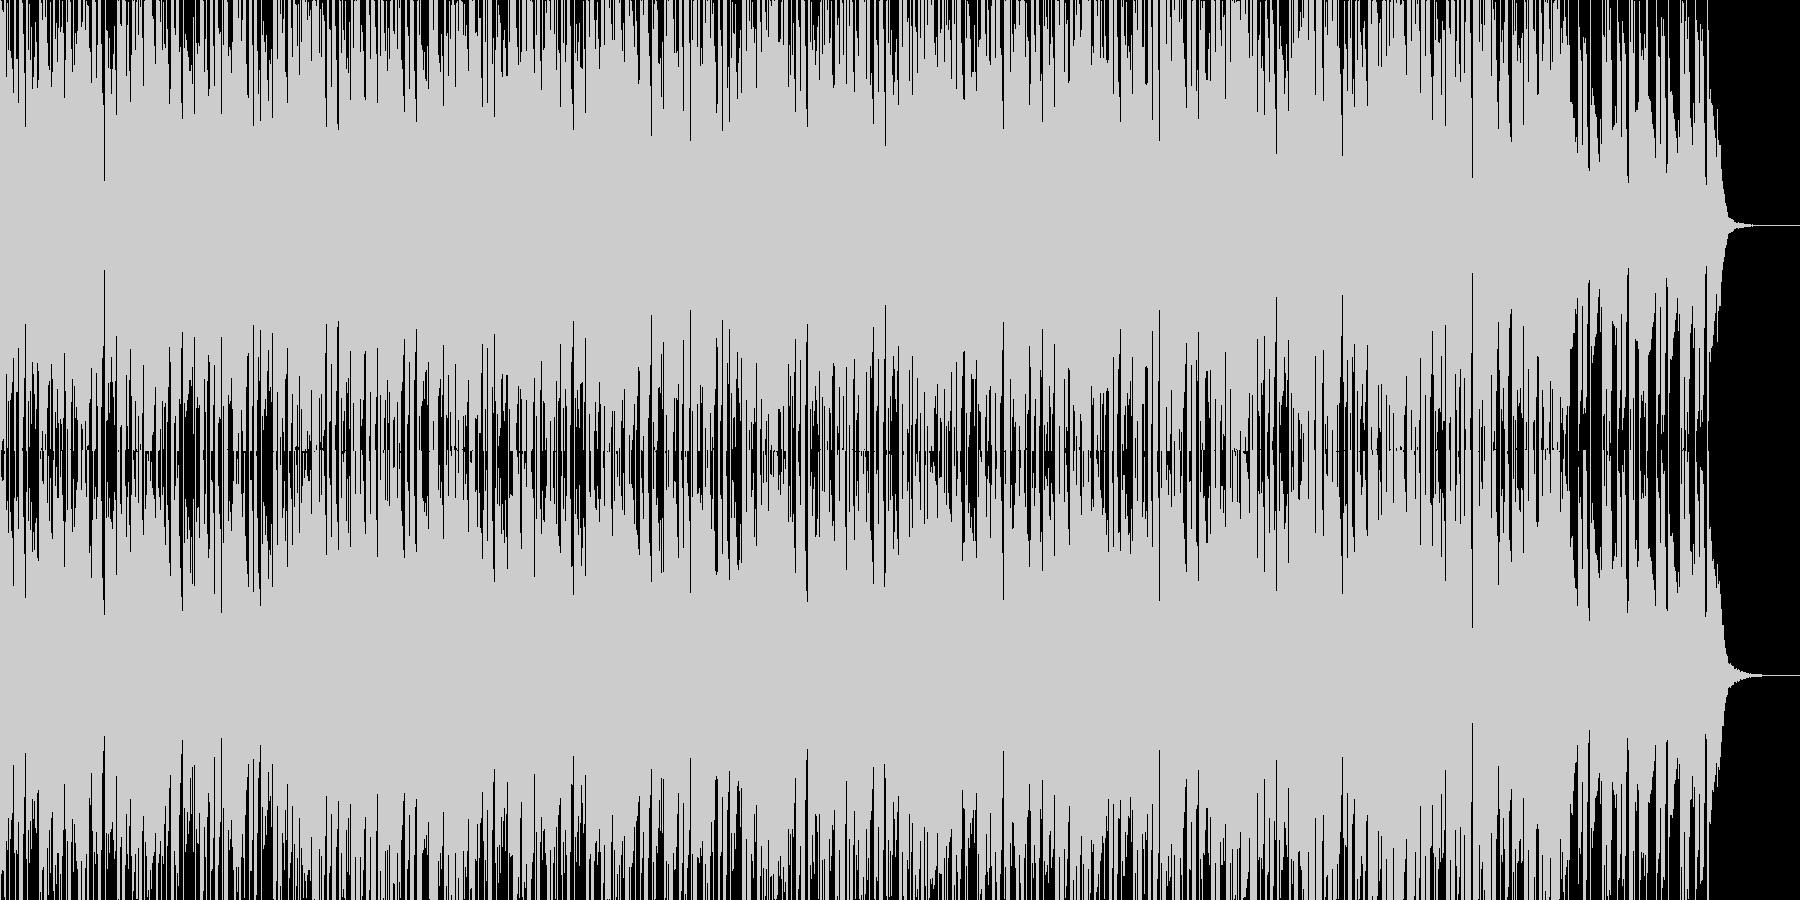 ボコーダーを使用した近未来的なEDMの未再生の波形